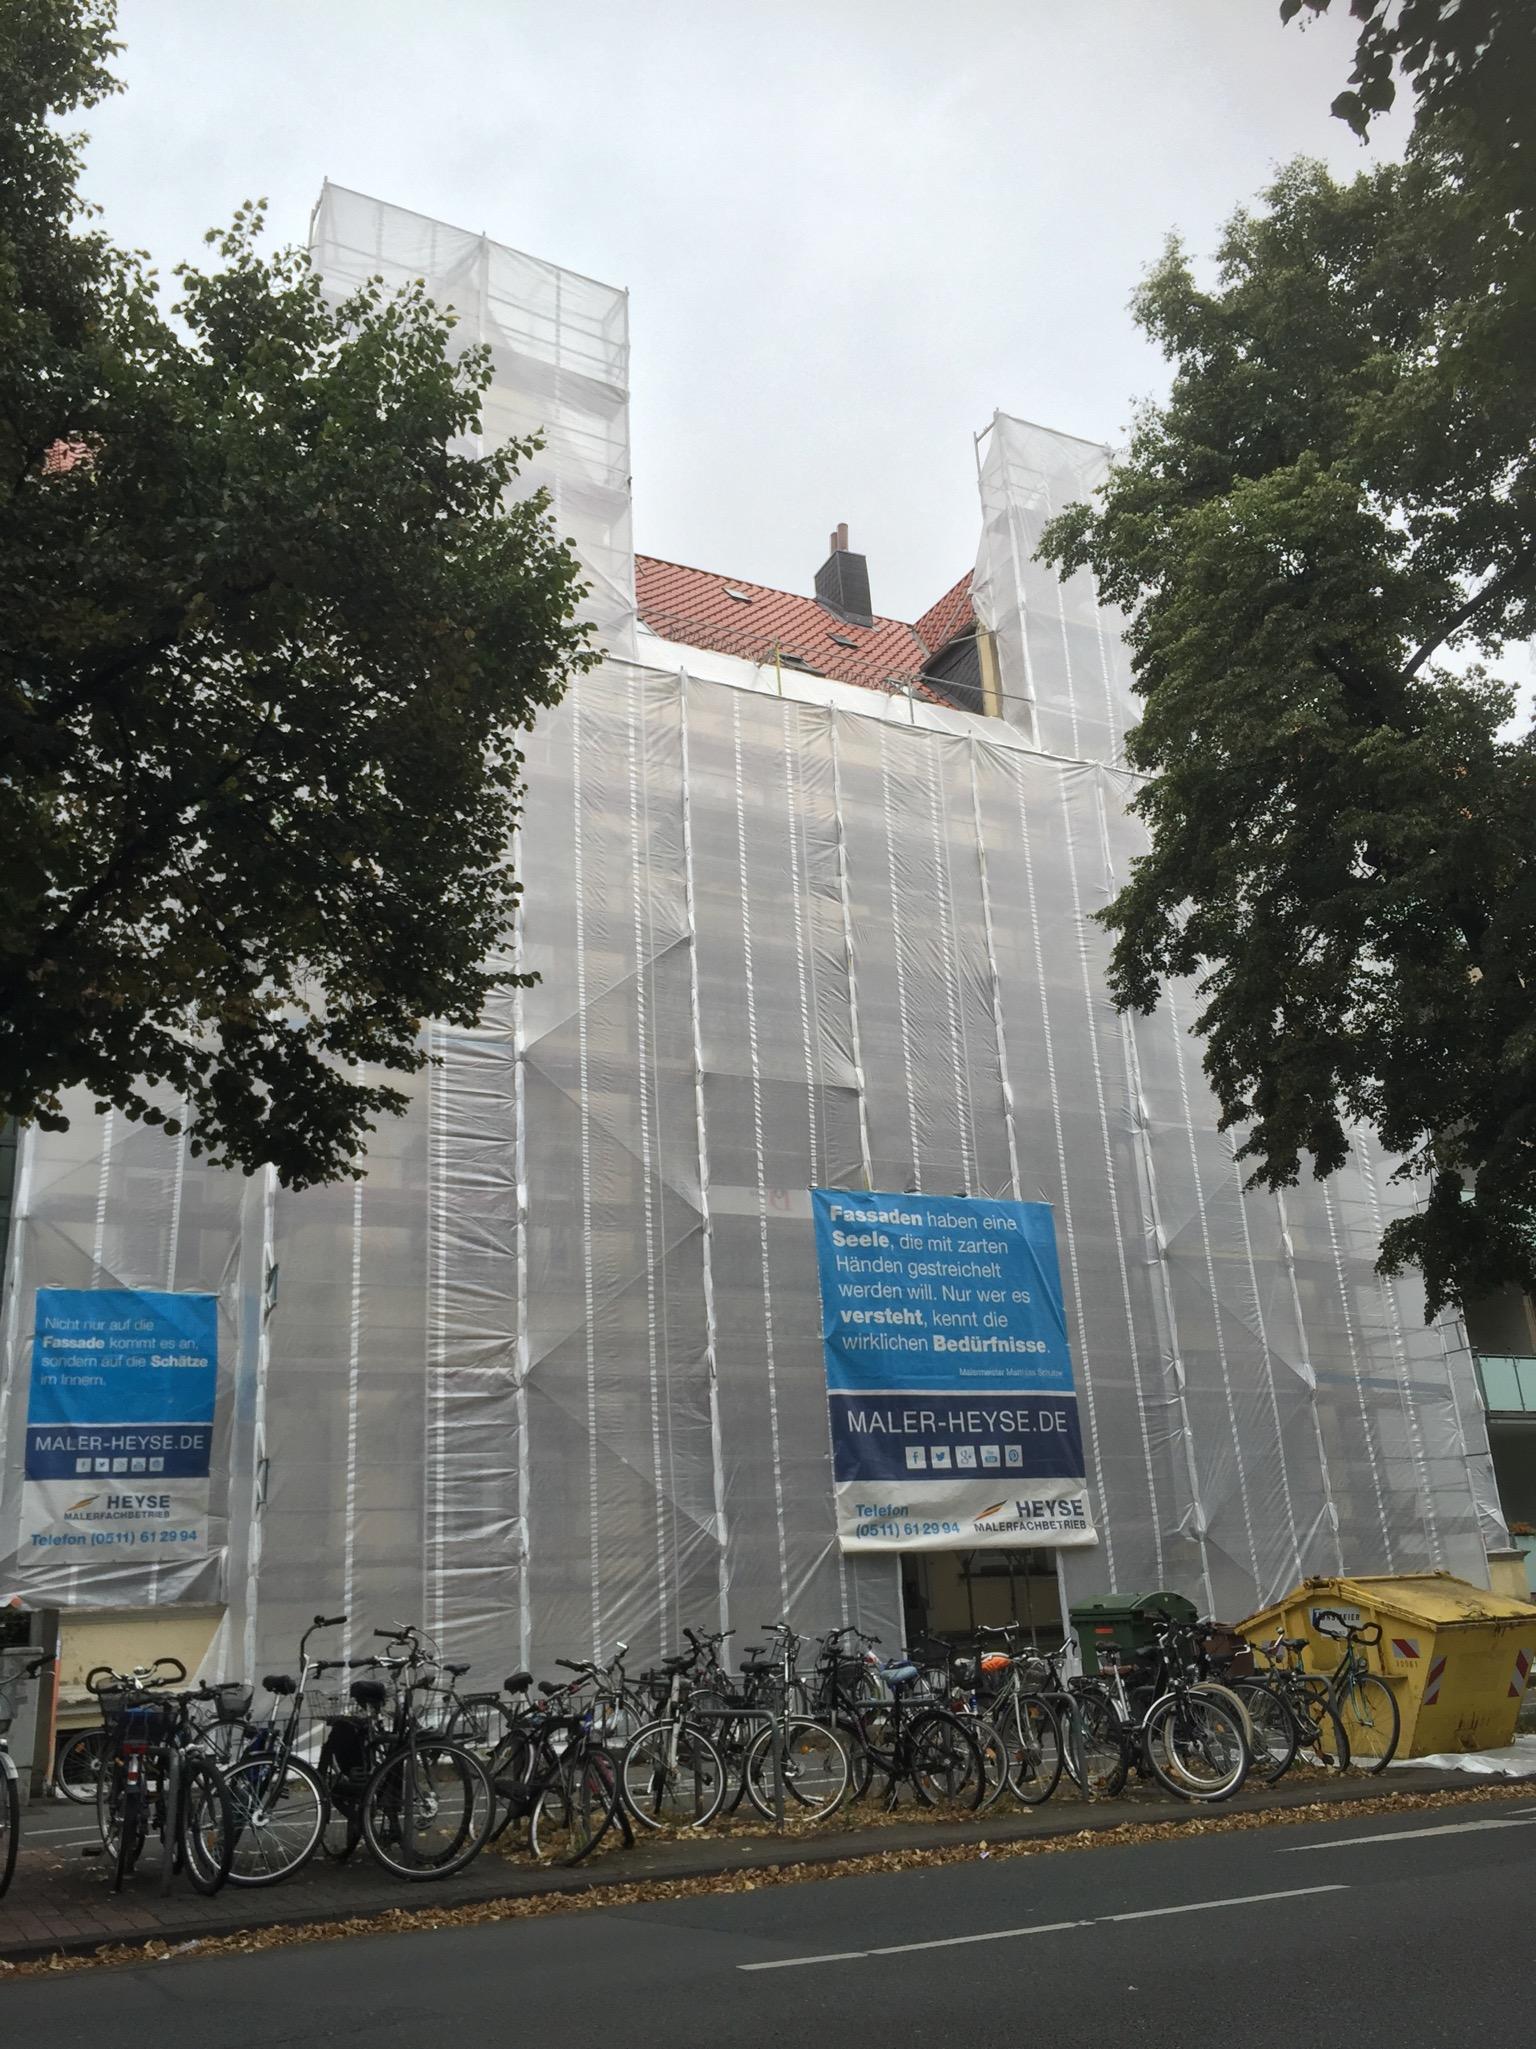 Einhausung-Wetterschutz-Fassade-Maler-Sanierung-Anstrich Faszinierend Haus Am See Garbsen Dekorationen